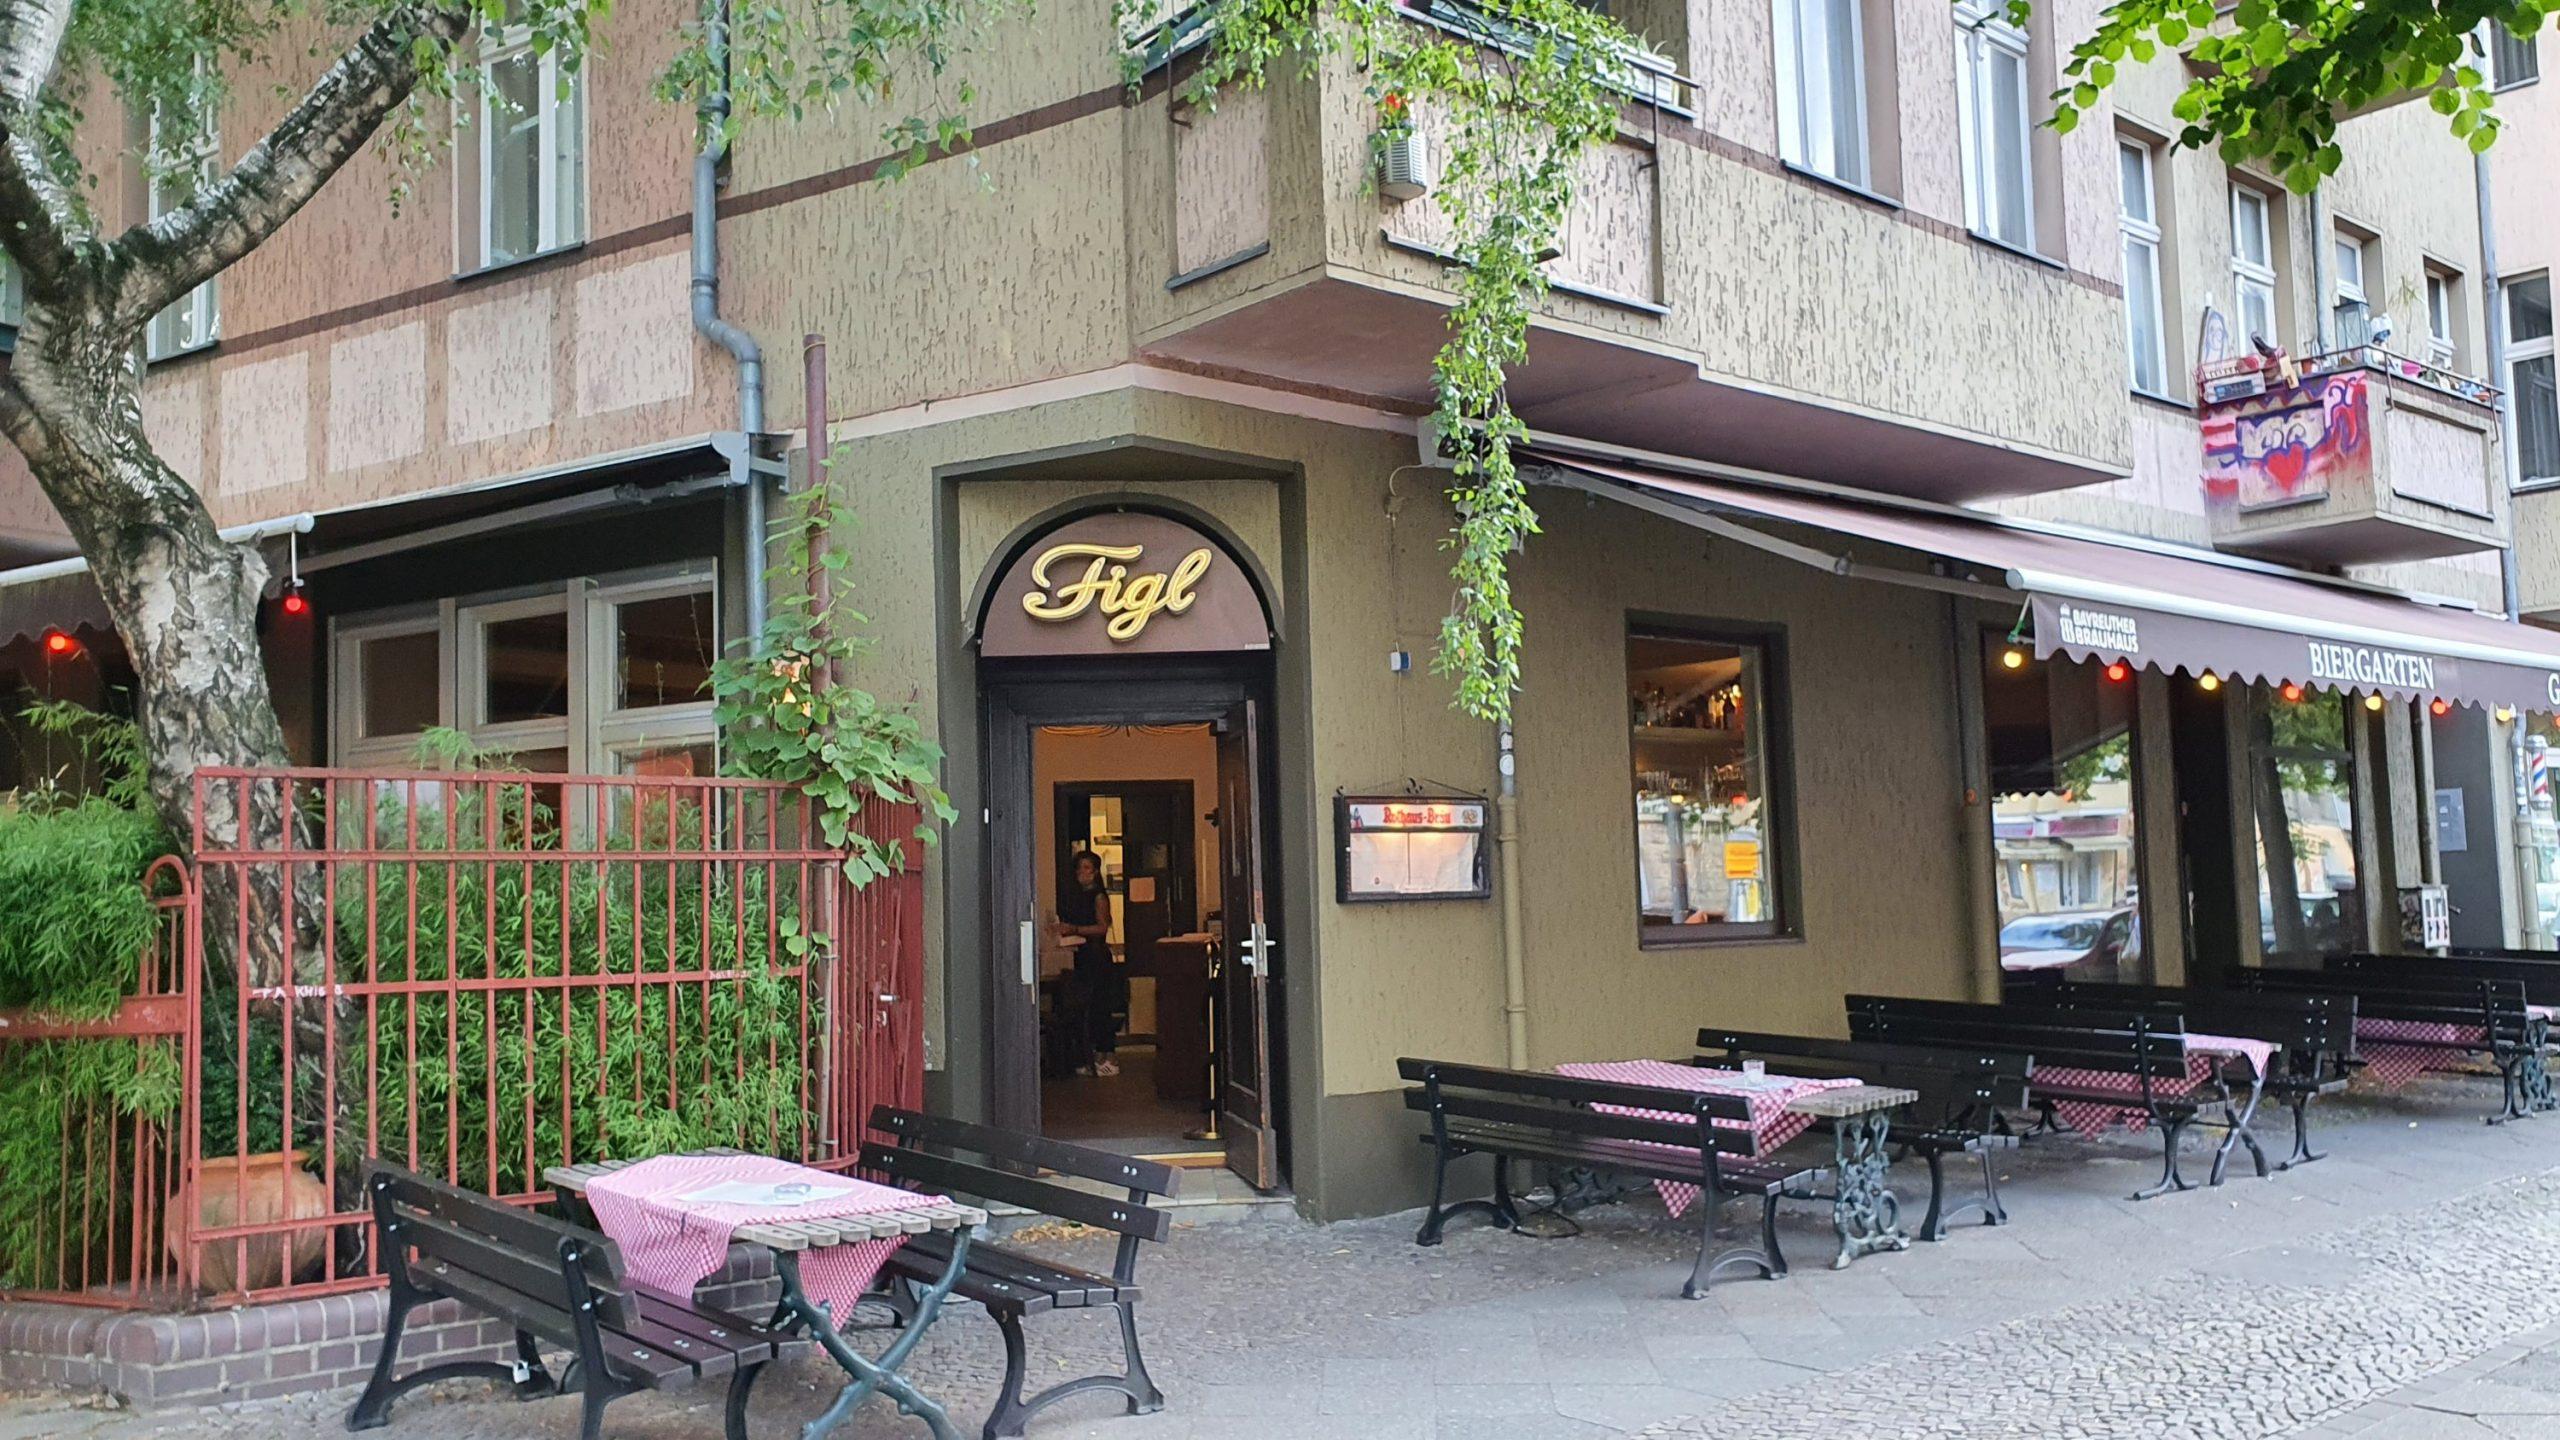 Figl Berlin